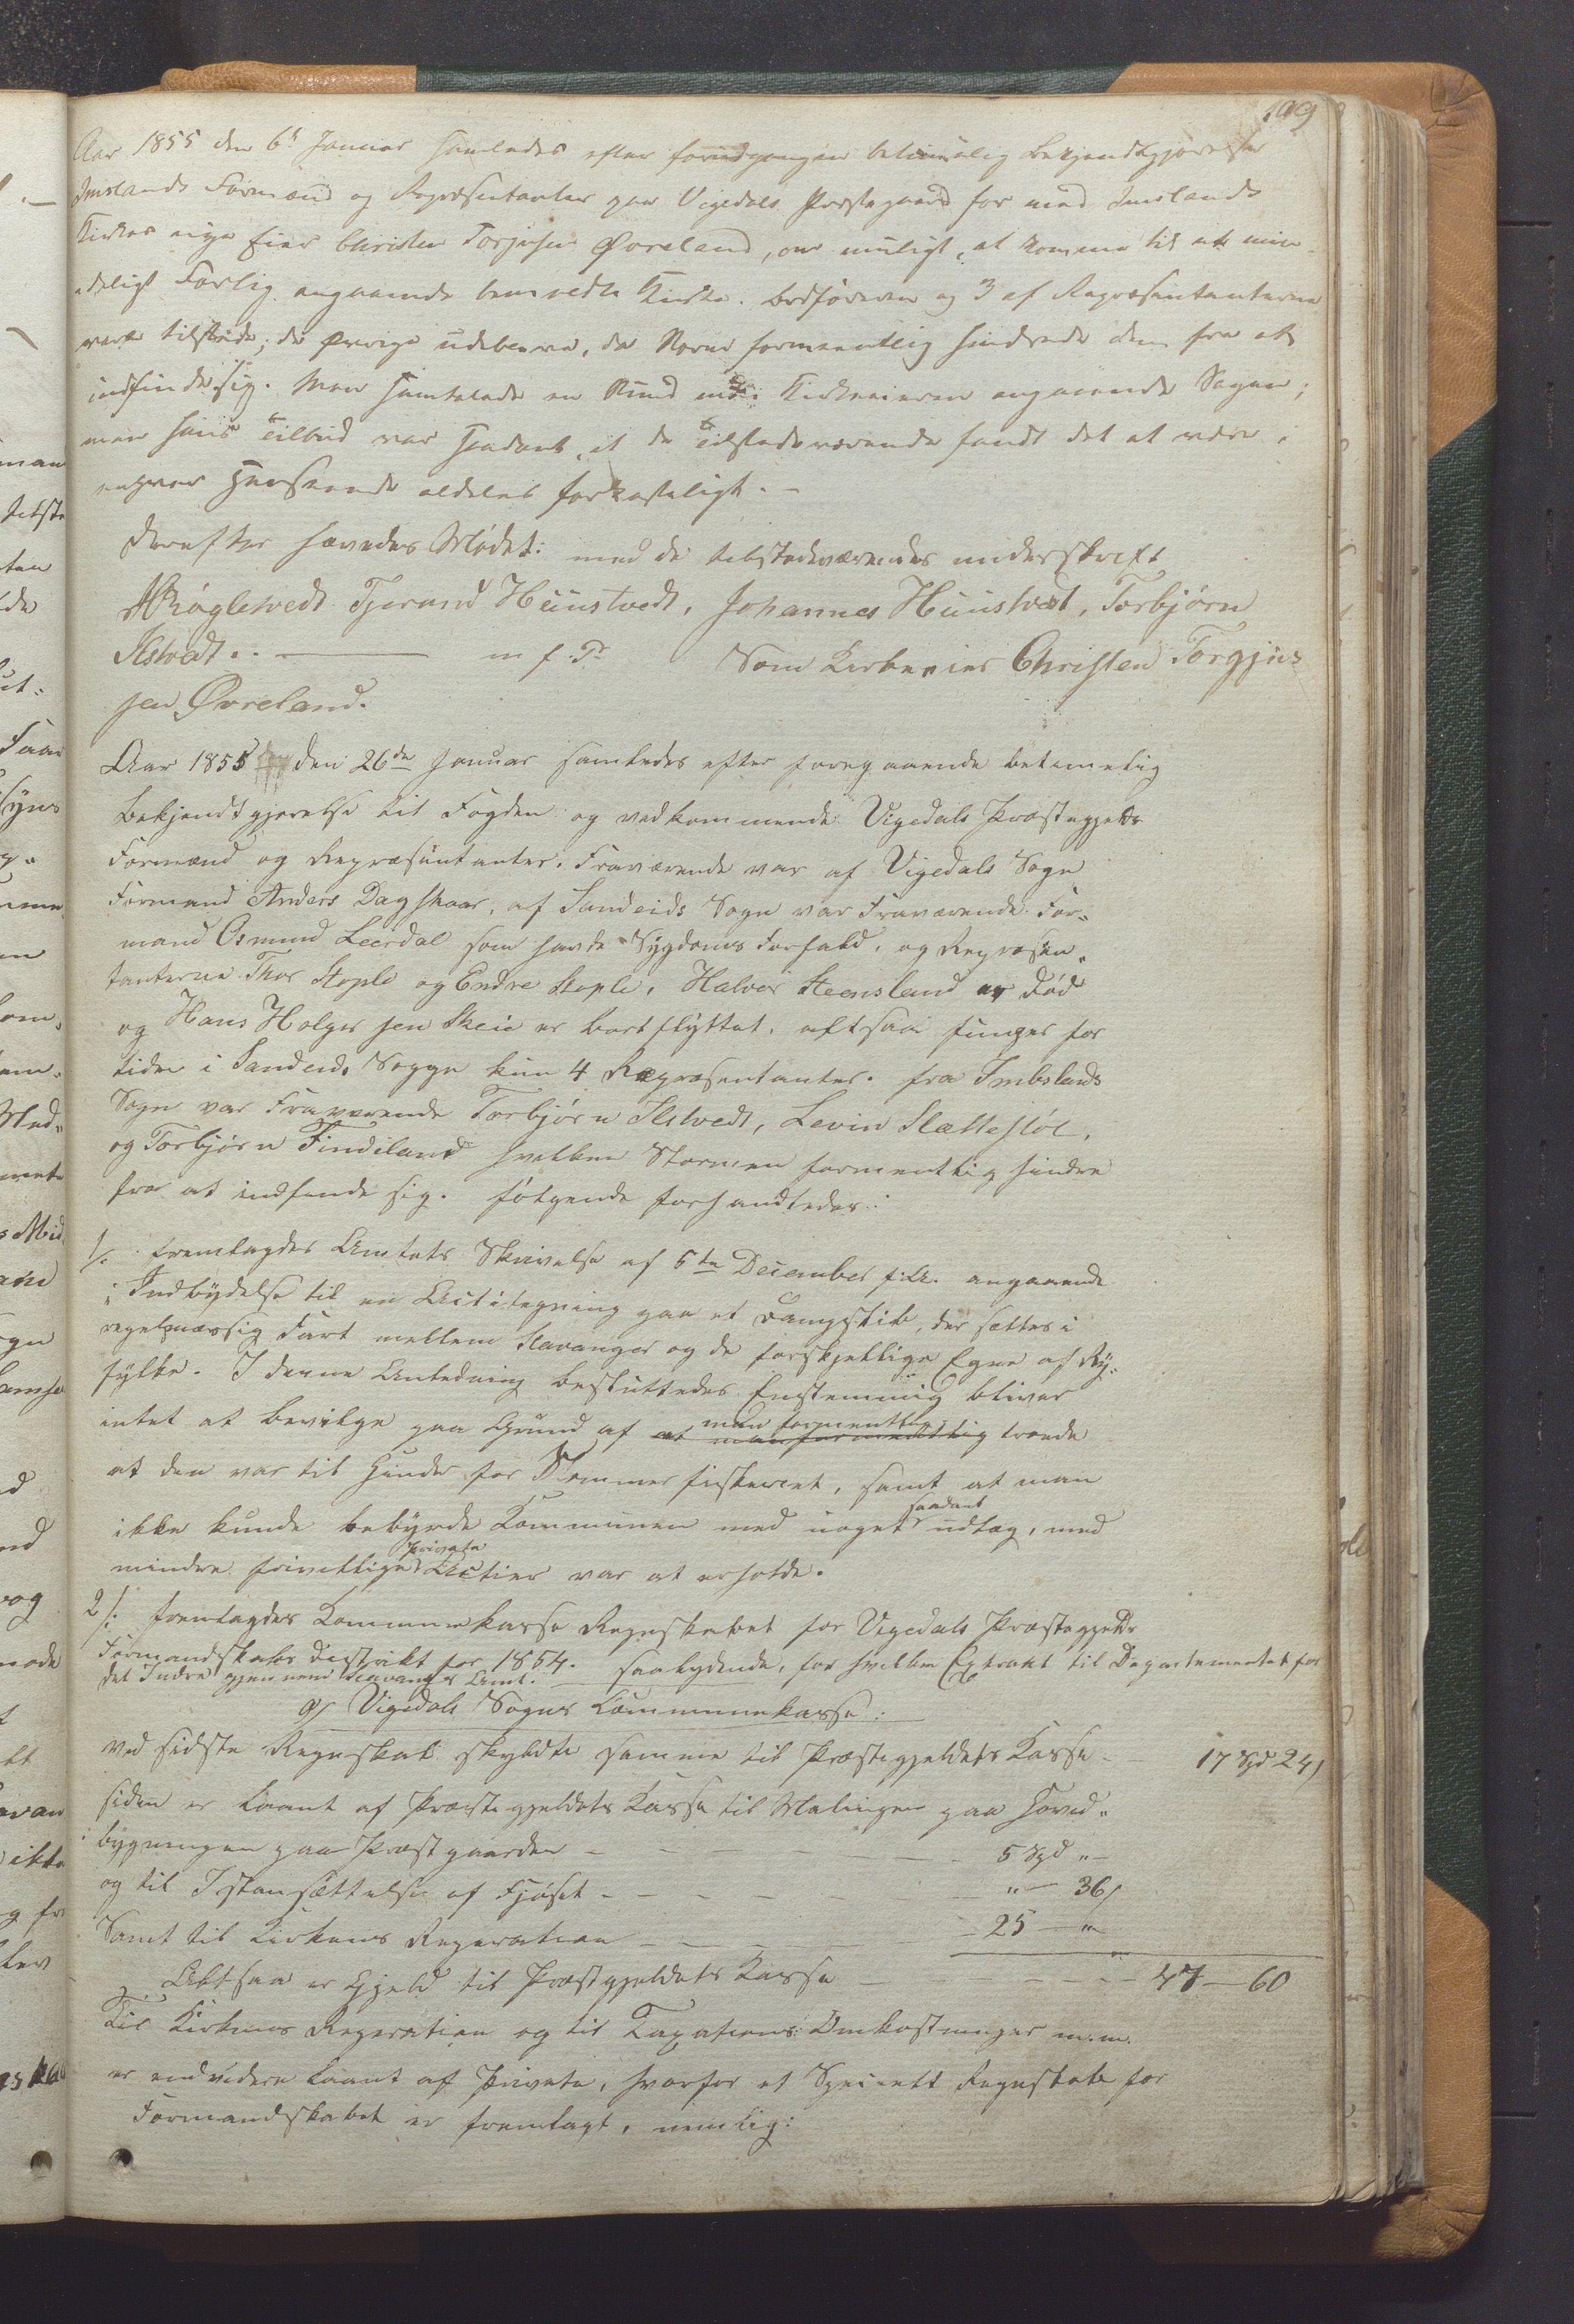 IKAR, Vikedal kommune - Formannskapet, Aaa/L0001: Møtebok, 1837-1874, s. 109a